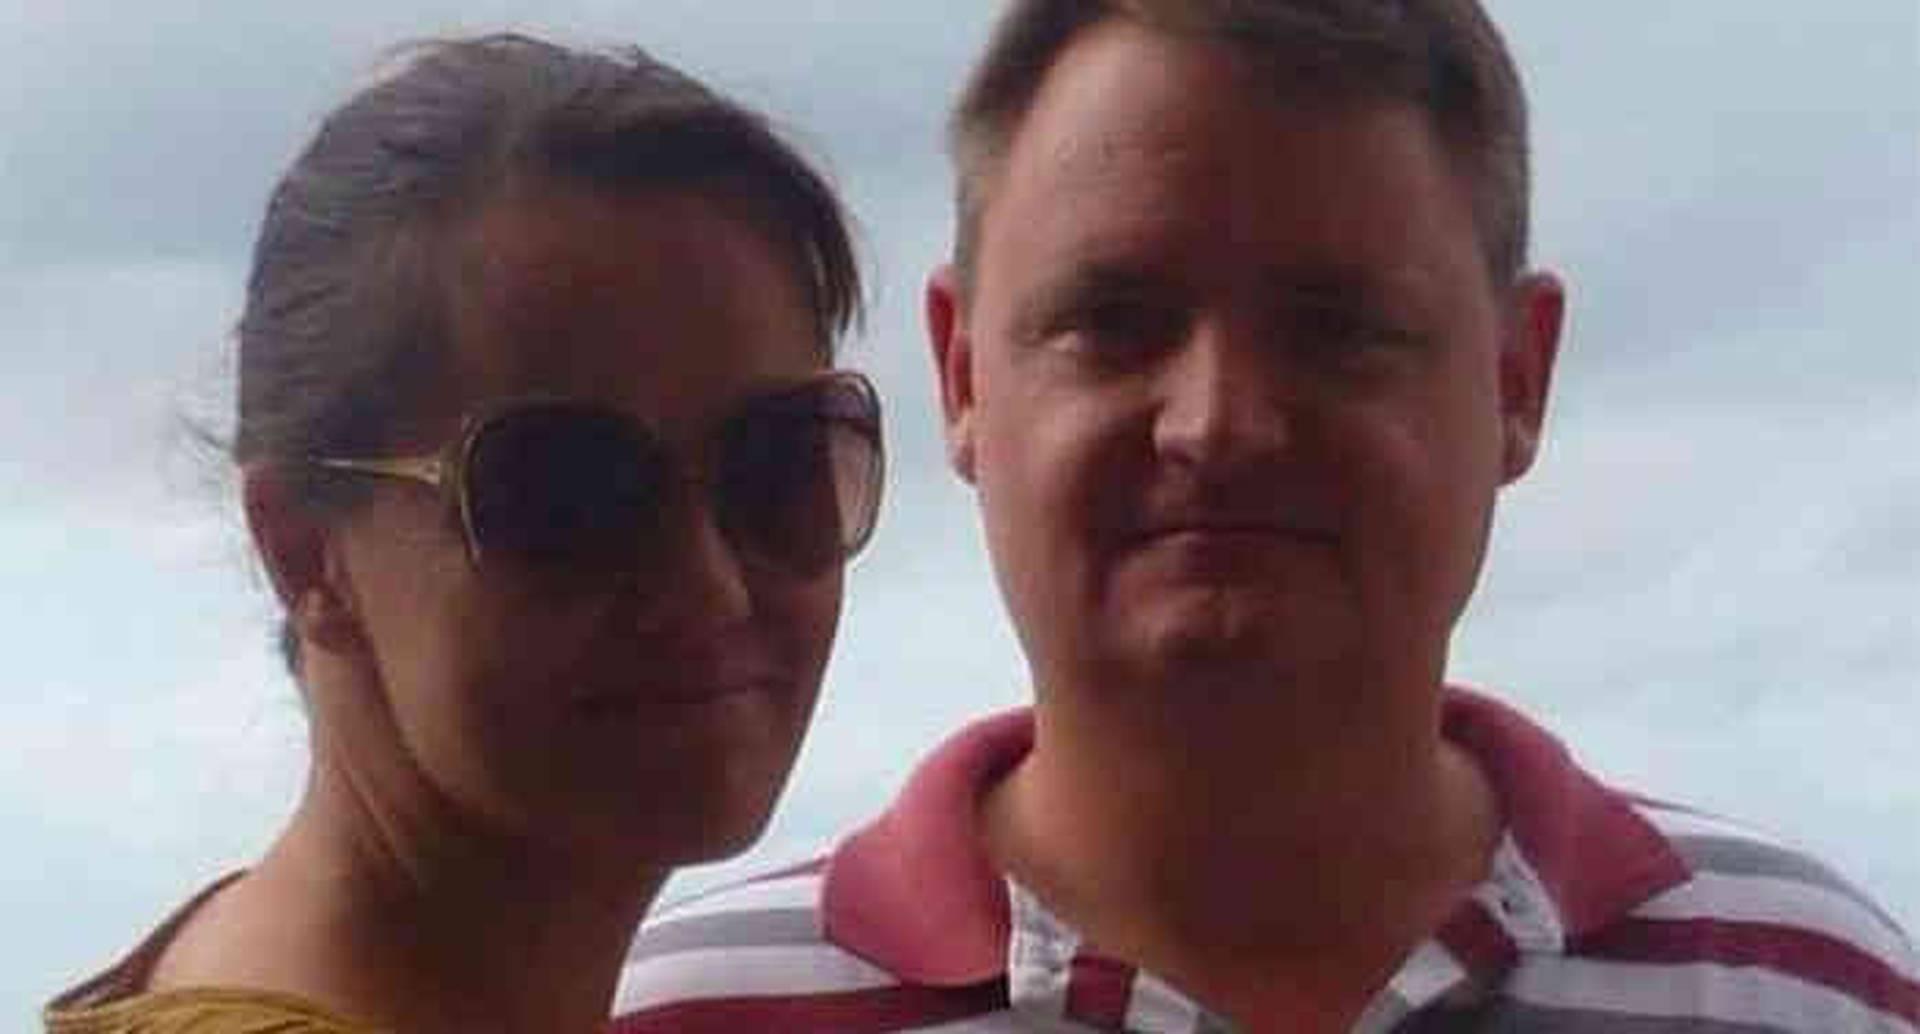 Los medios australianos han saturado sus páginas con hipótesis sobre la muerte de esta familia colombiana.